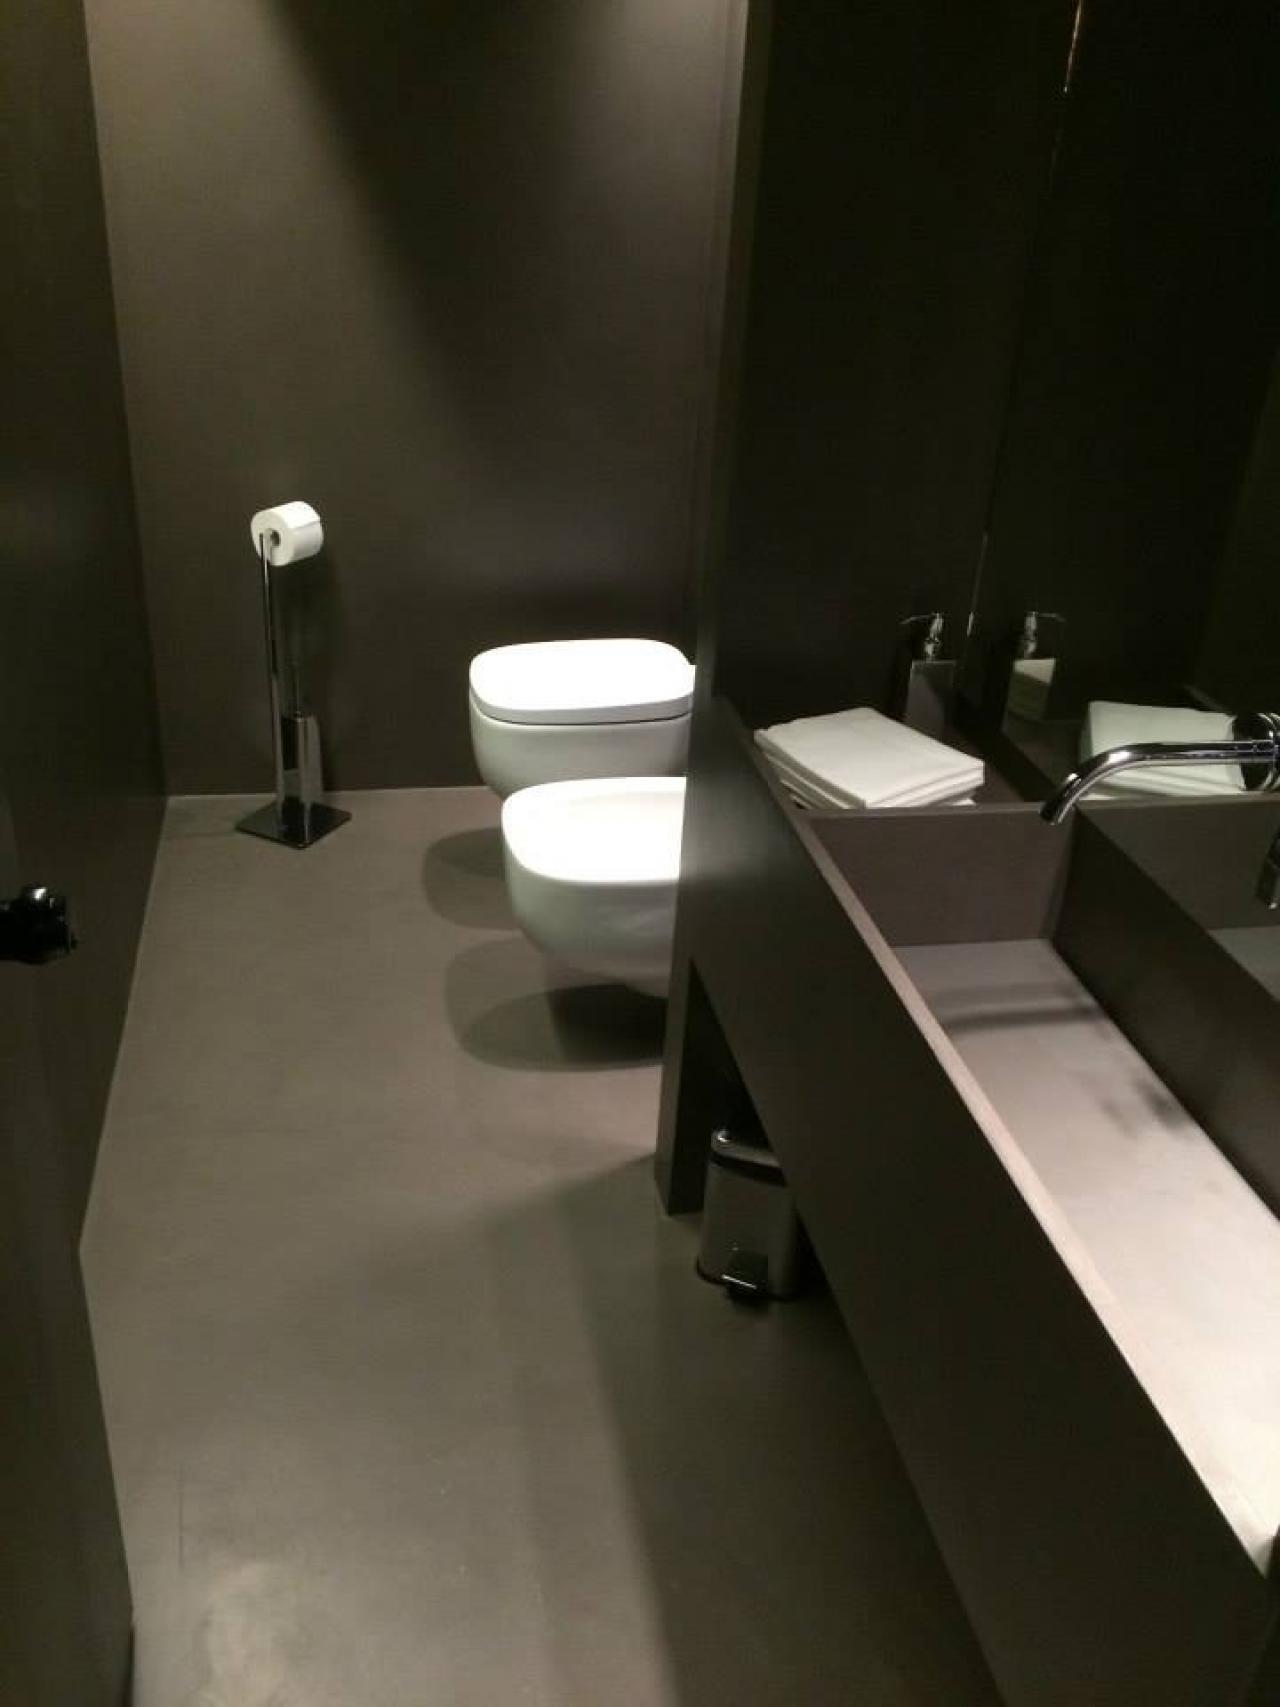 Resina kerakoll per pavimenti e rivestimenti vicenza - Resina pareti bagno ...